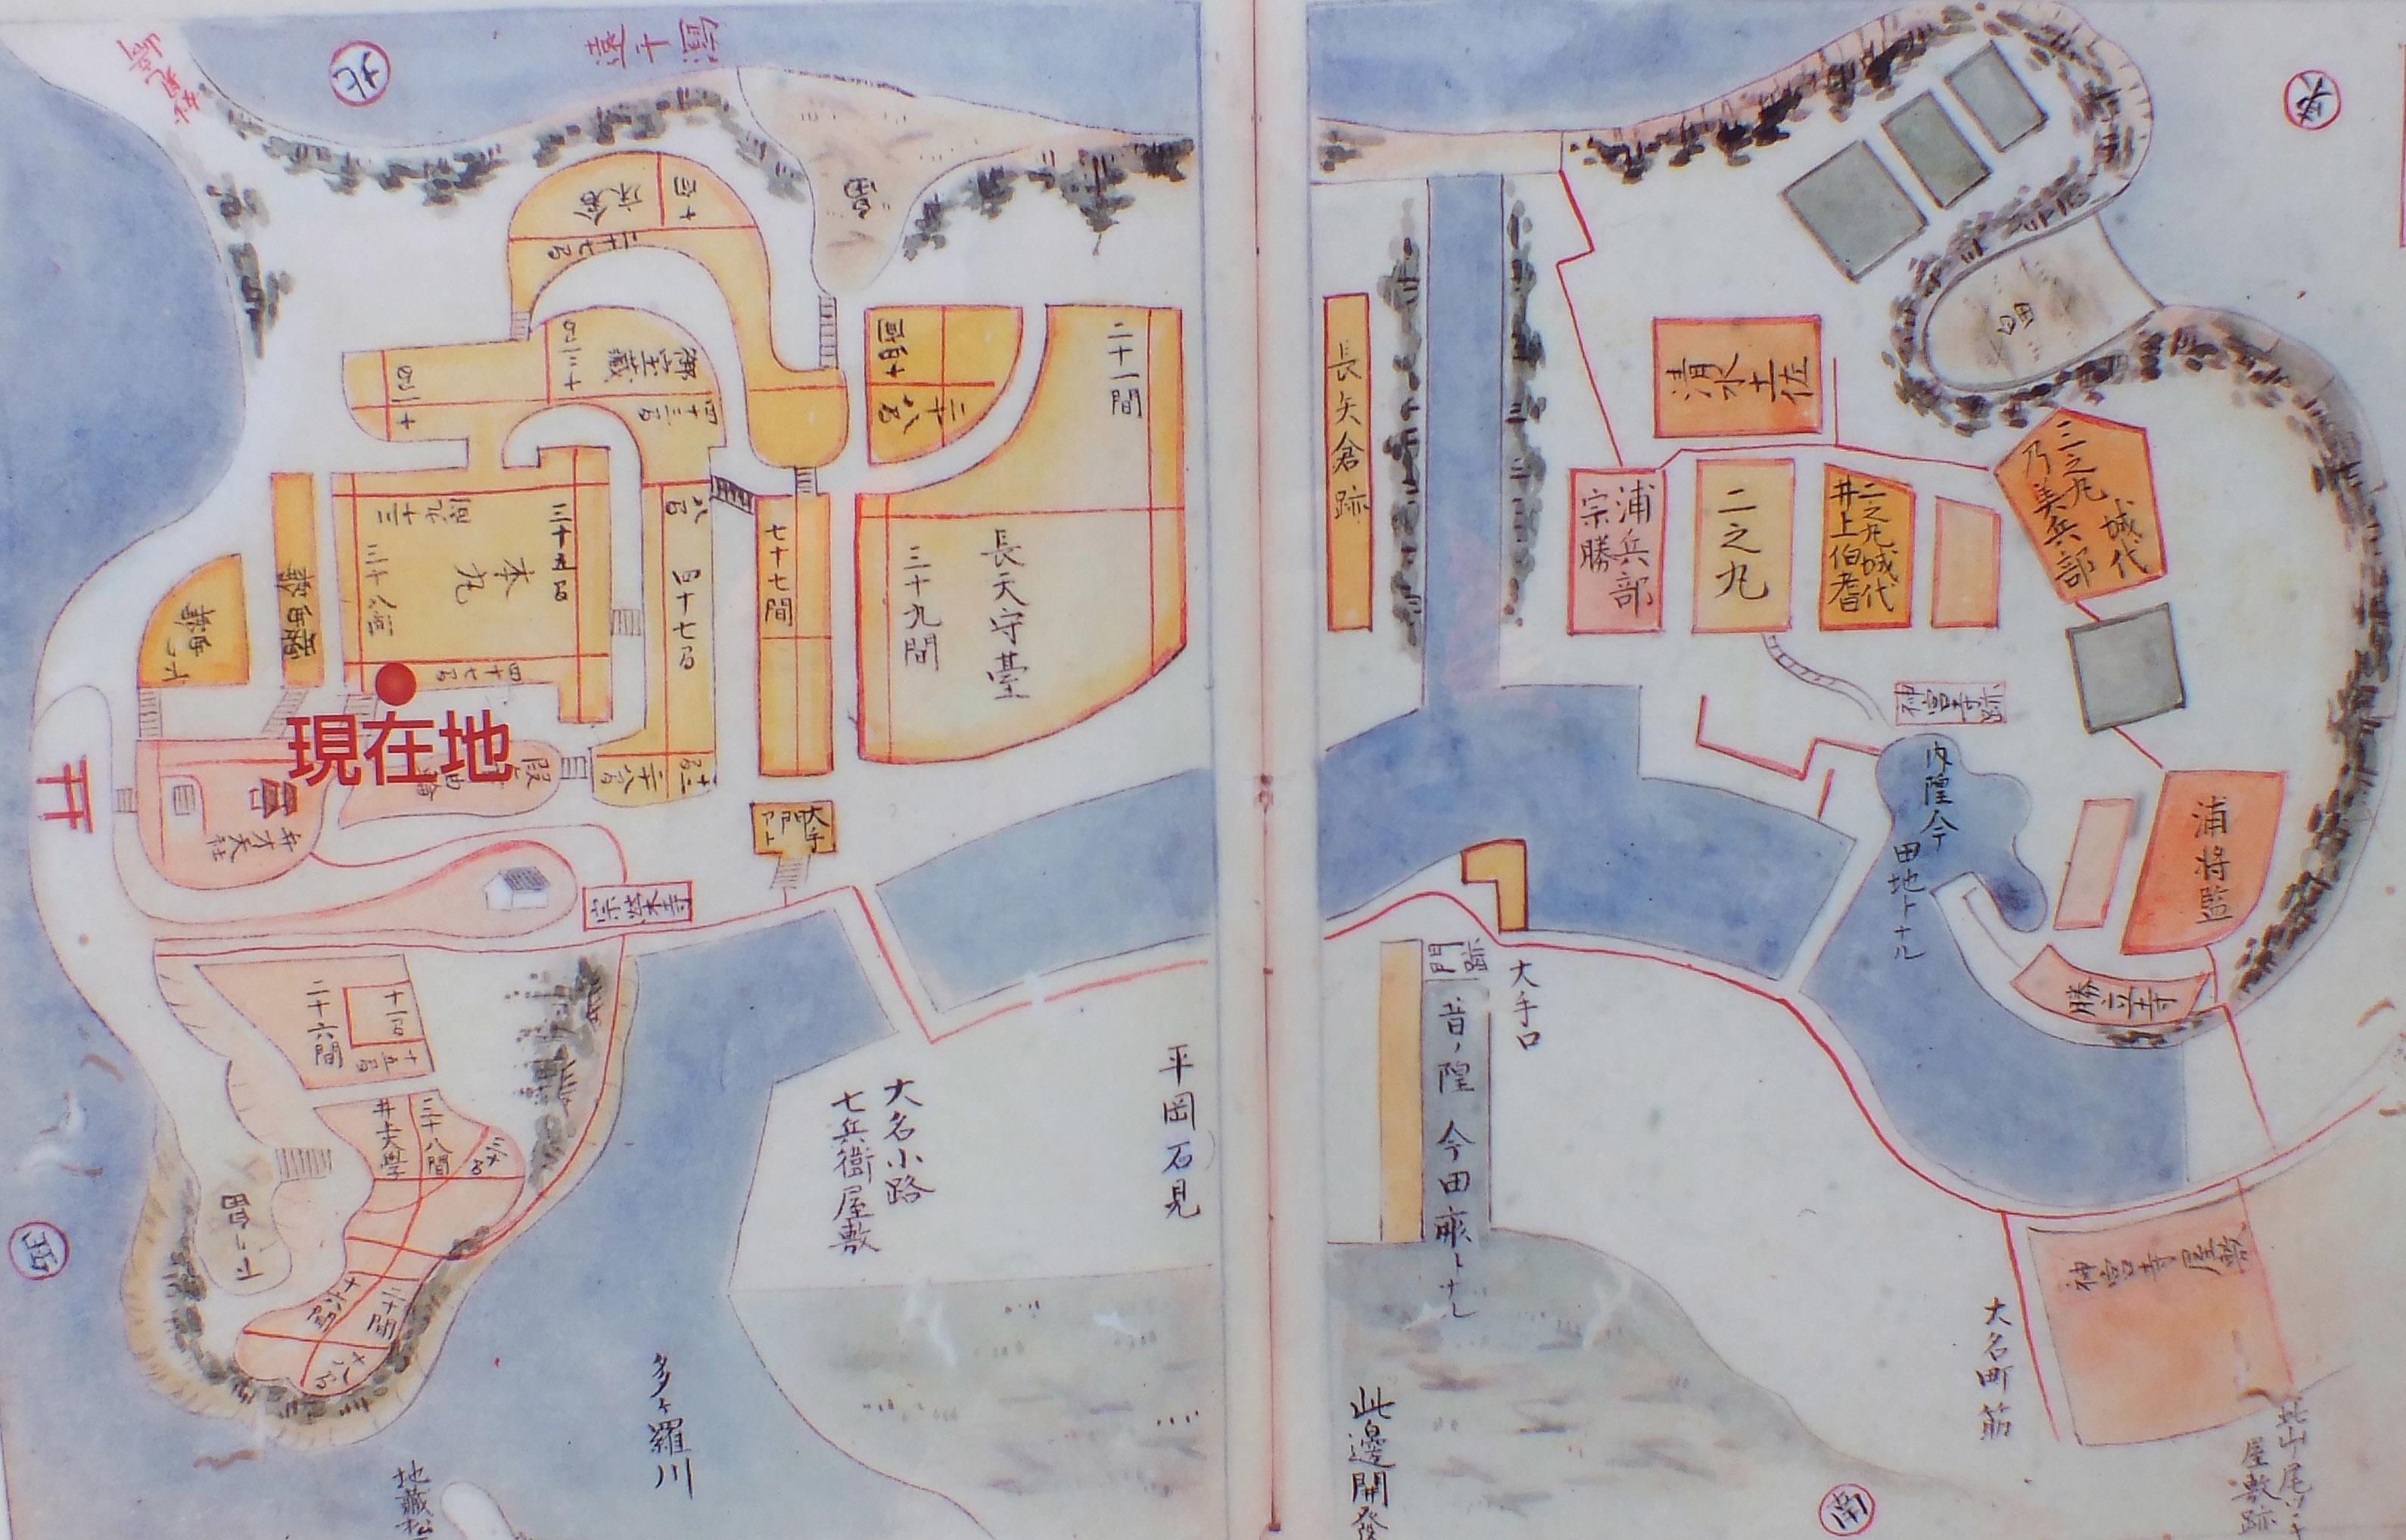 名島城 現地説明板より絵図